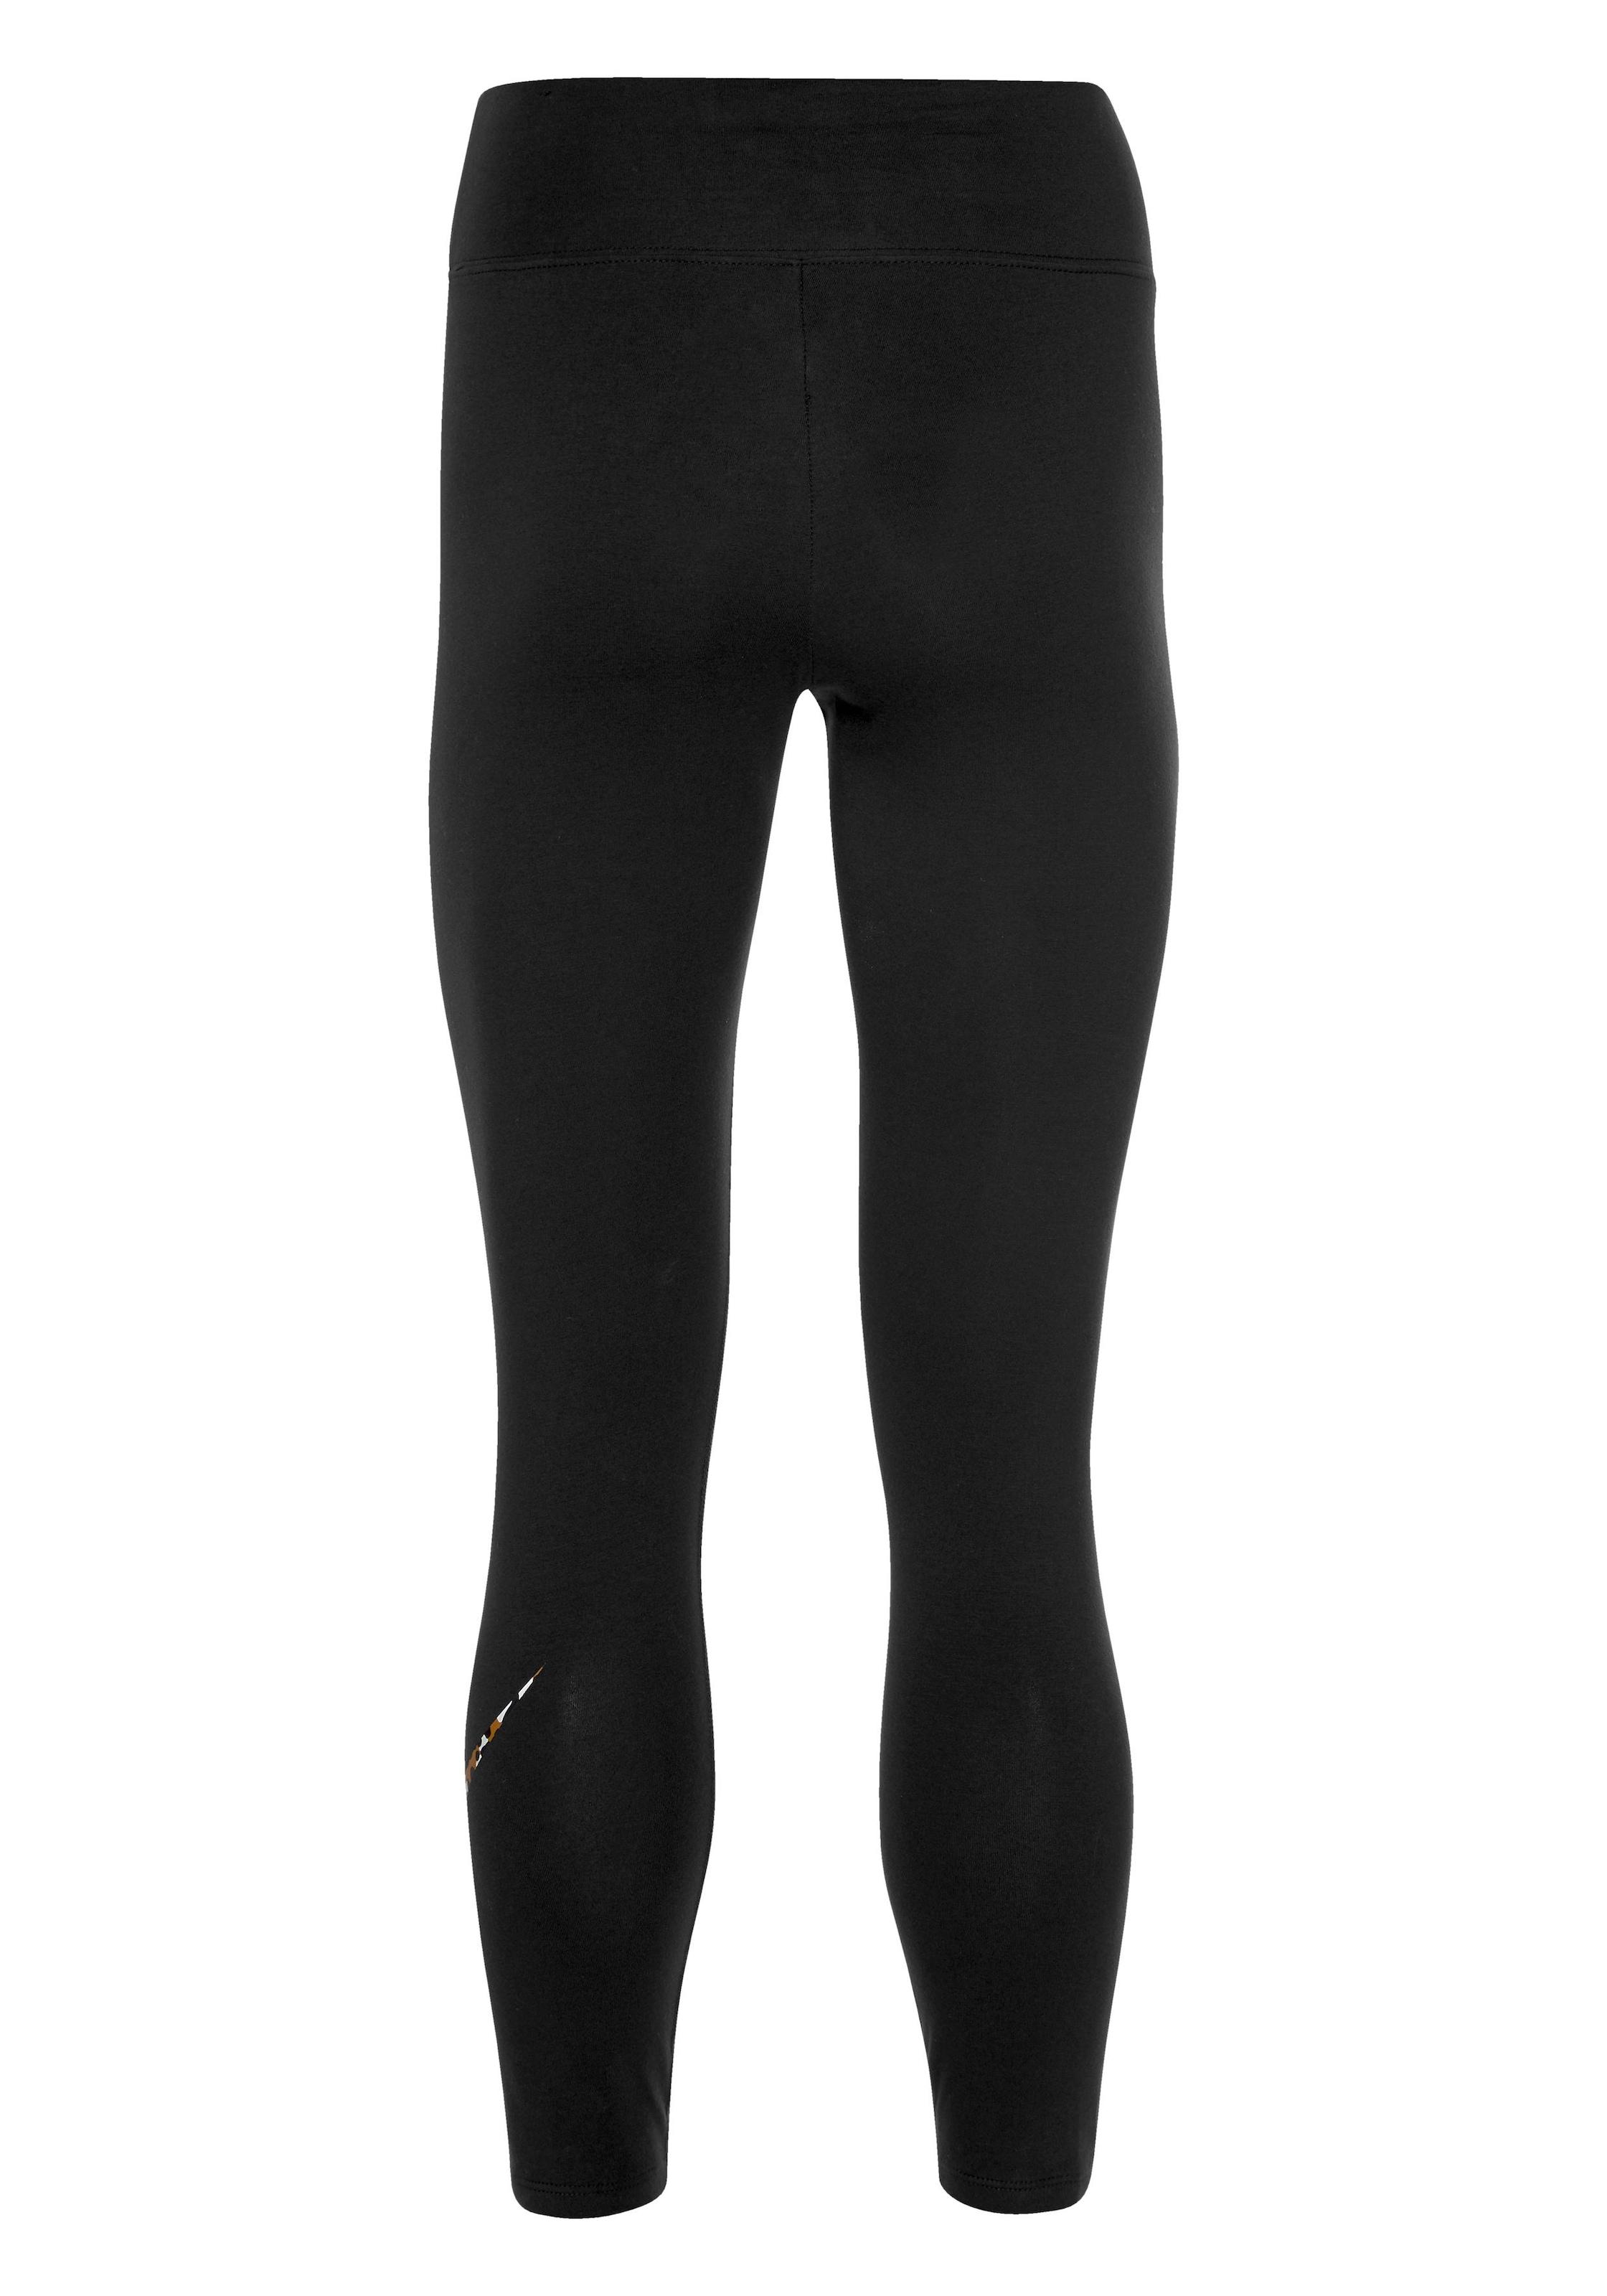 nike sportswear leggings women nike sportswear leggings - Nike Sportswear Leggings WOMEN LEGGINGS , Nike Sportswear